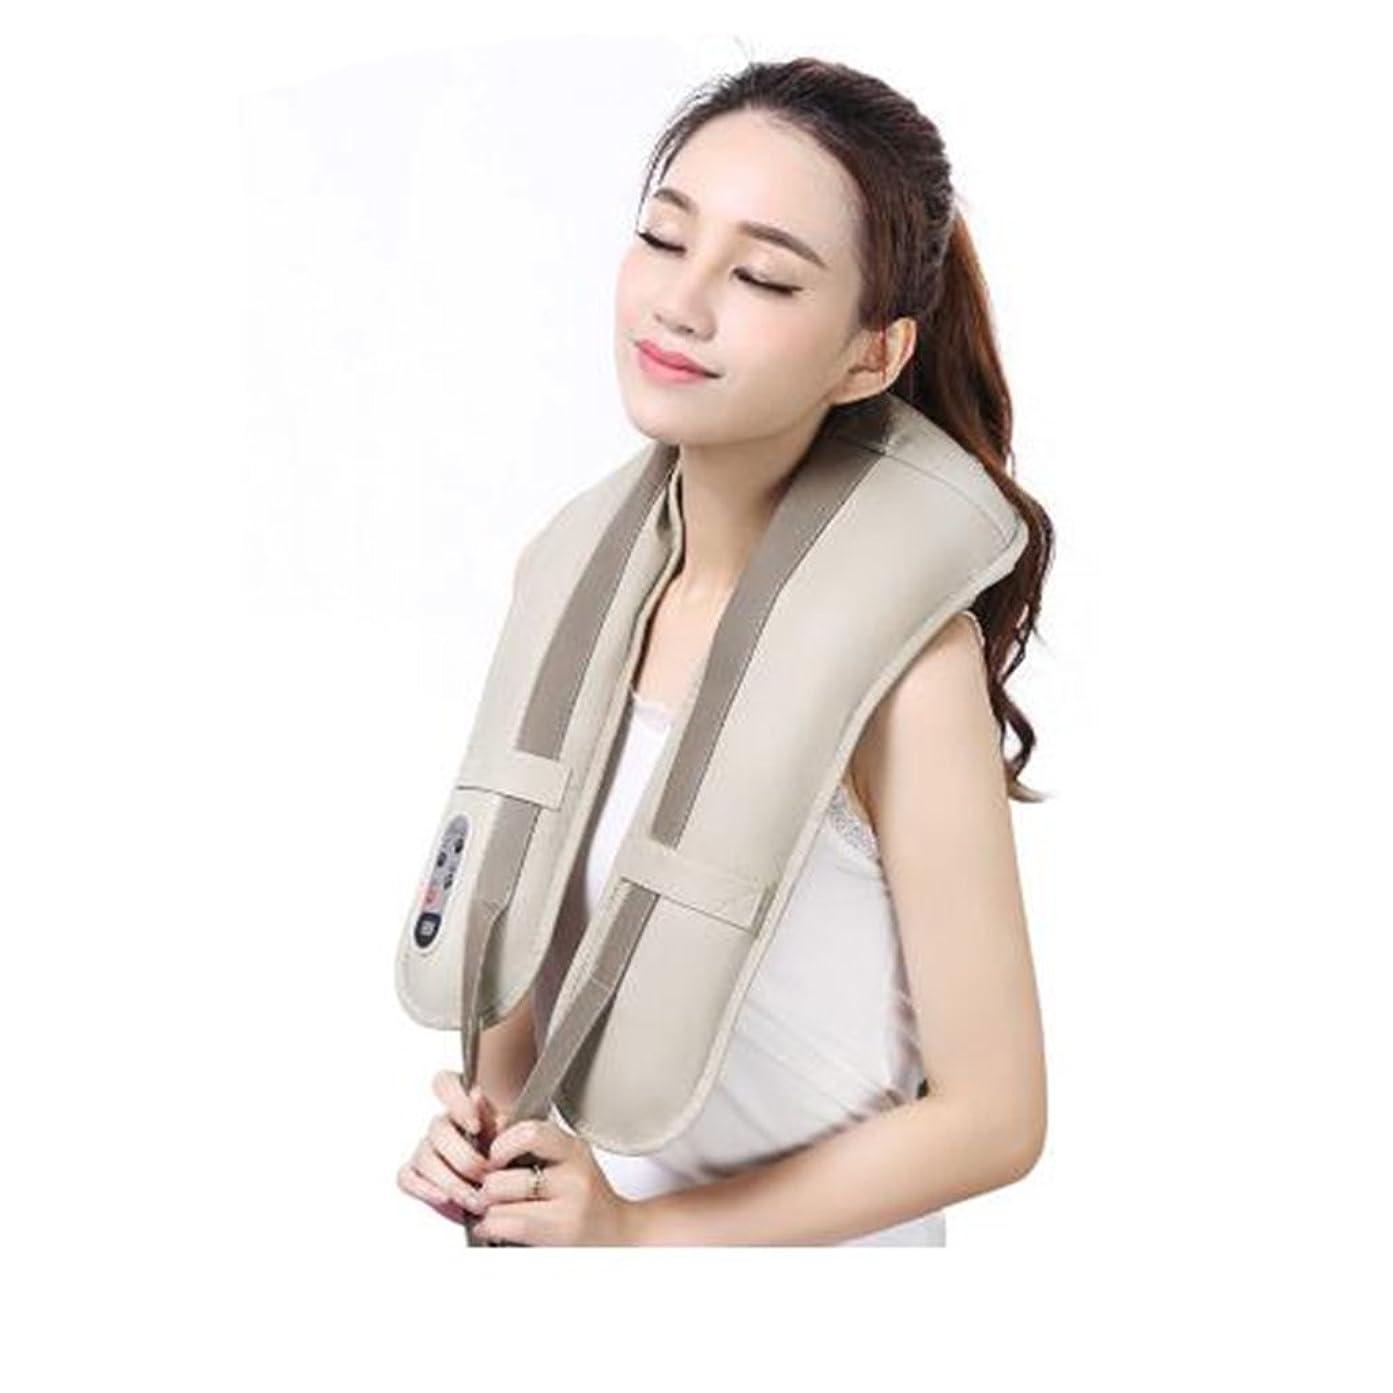 被る放送ぺディカブホットネックマッサージャーポータブル電気パーカッション頸部マッサージショールの痛みの首と肩の多機能タップマッサージャー (色 : A)